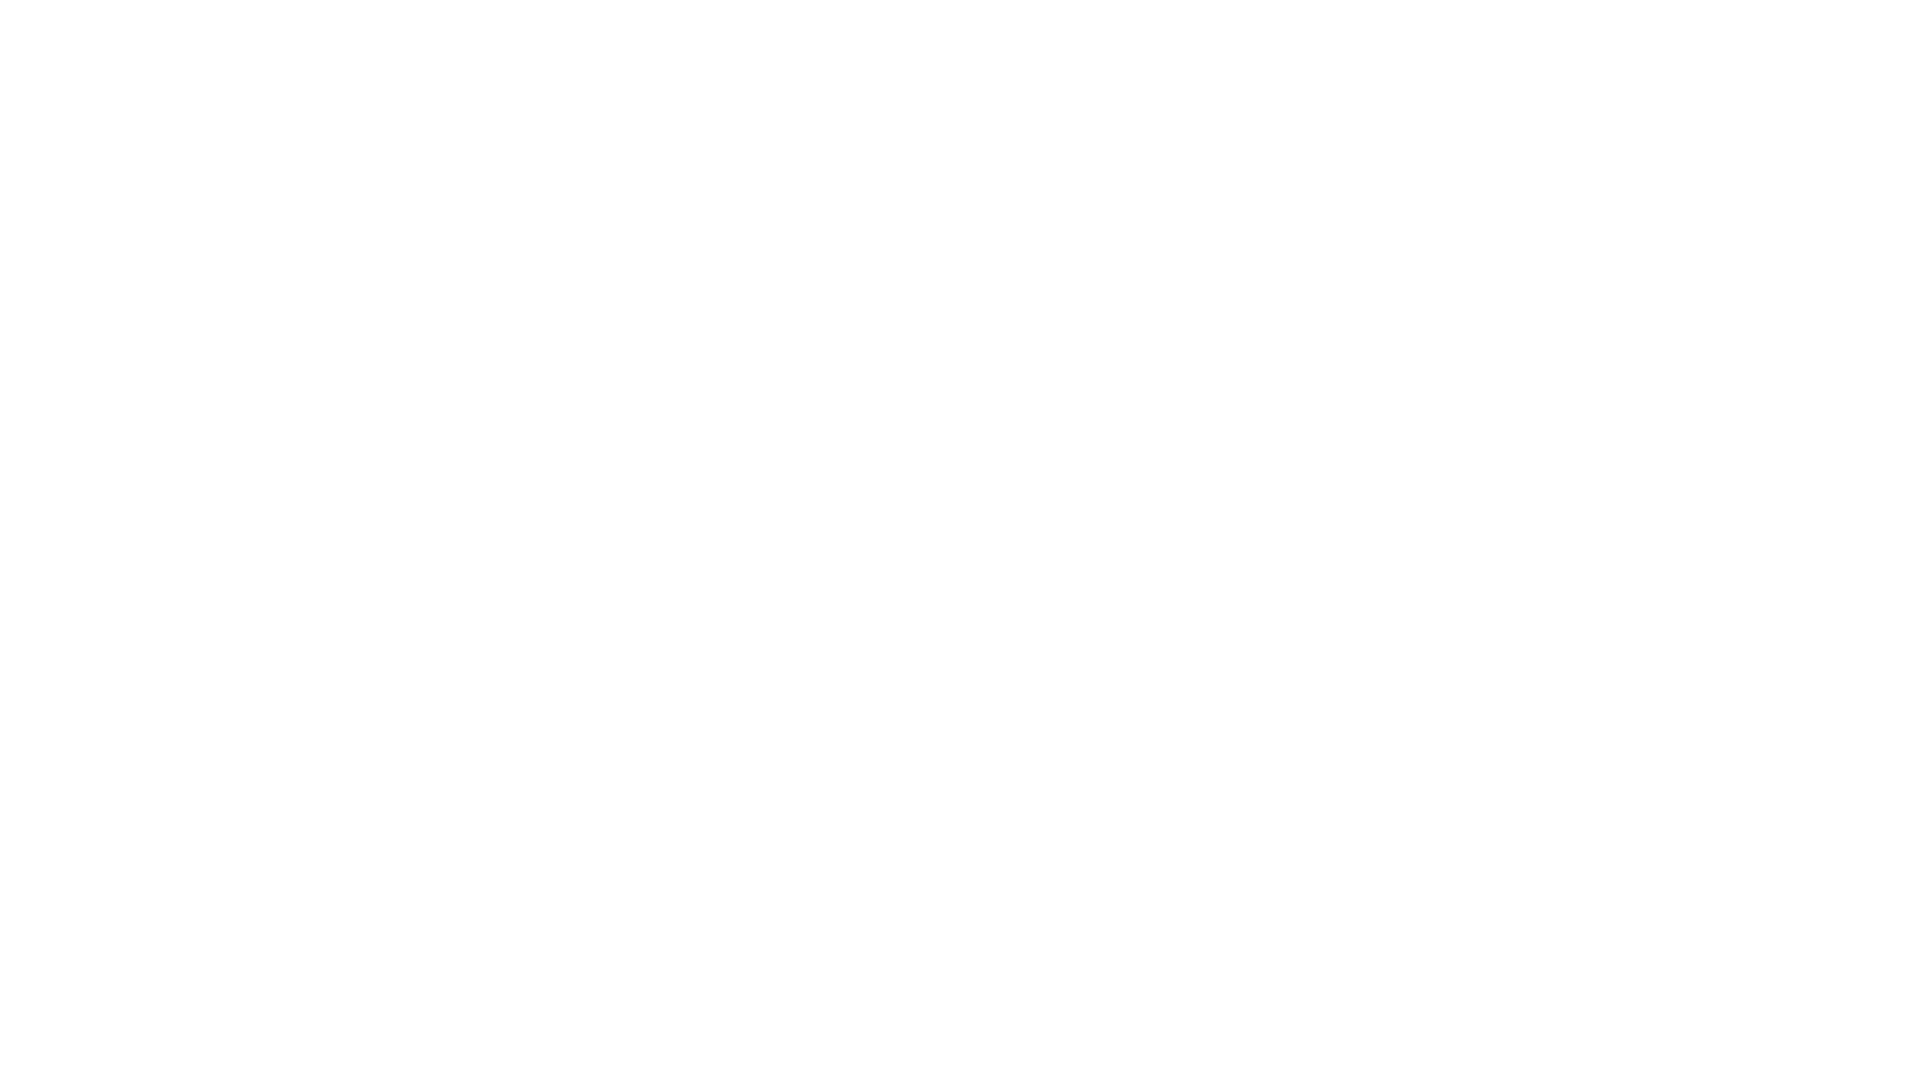 ※100個限定販売 至高下半身盗撮 プレミアム Vol.20 ハイビジョン 盗撮編 SEX無修正画像 88枚 7